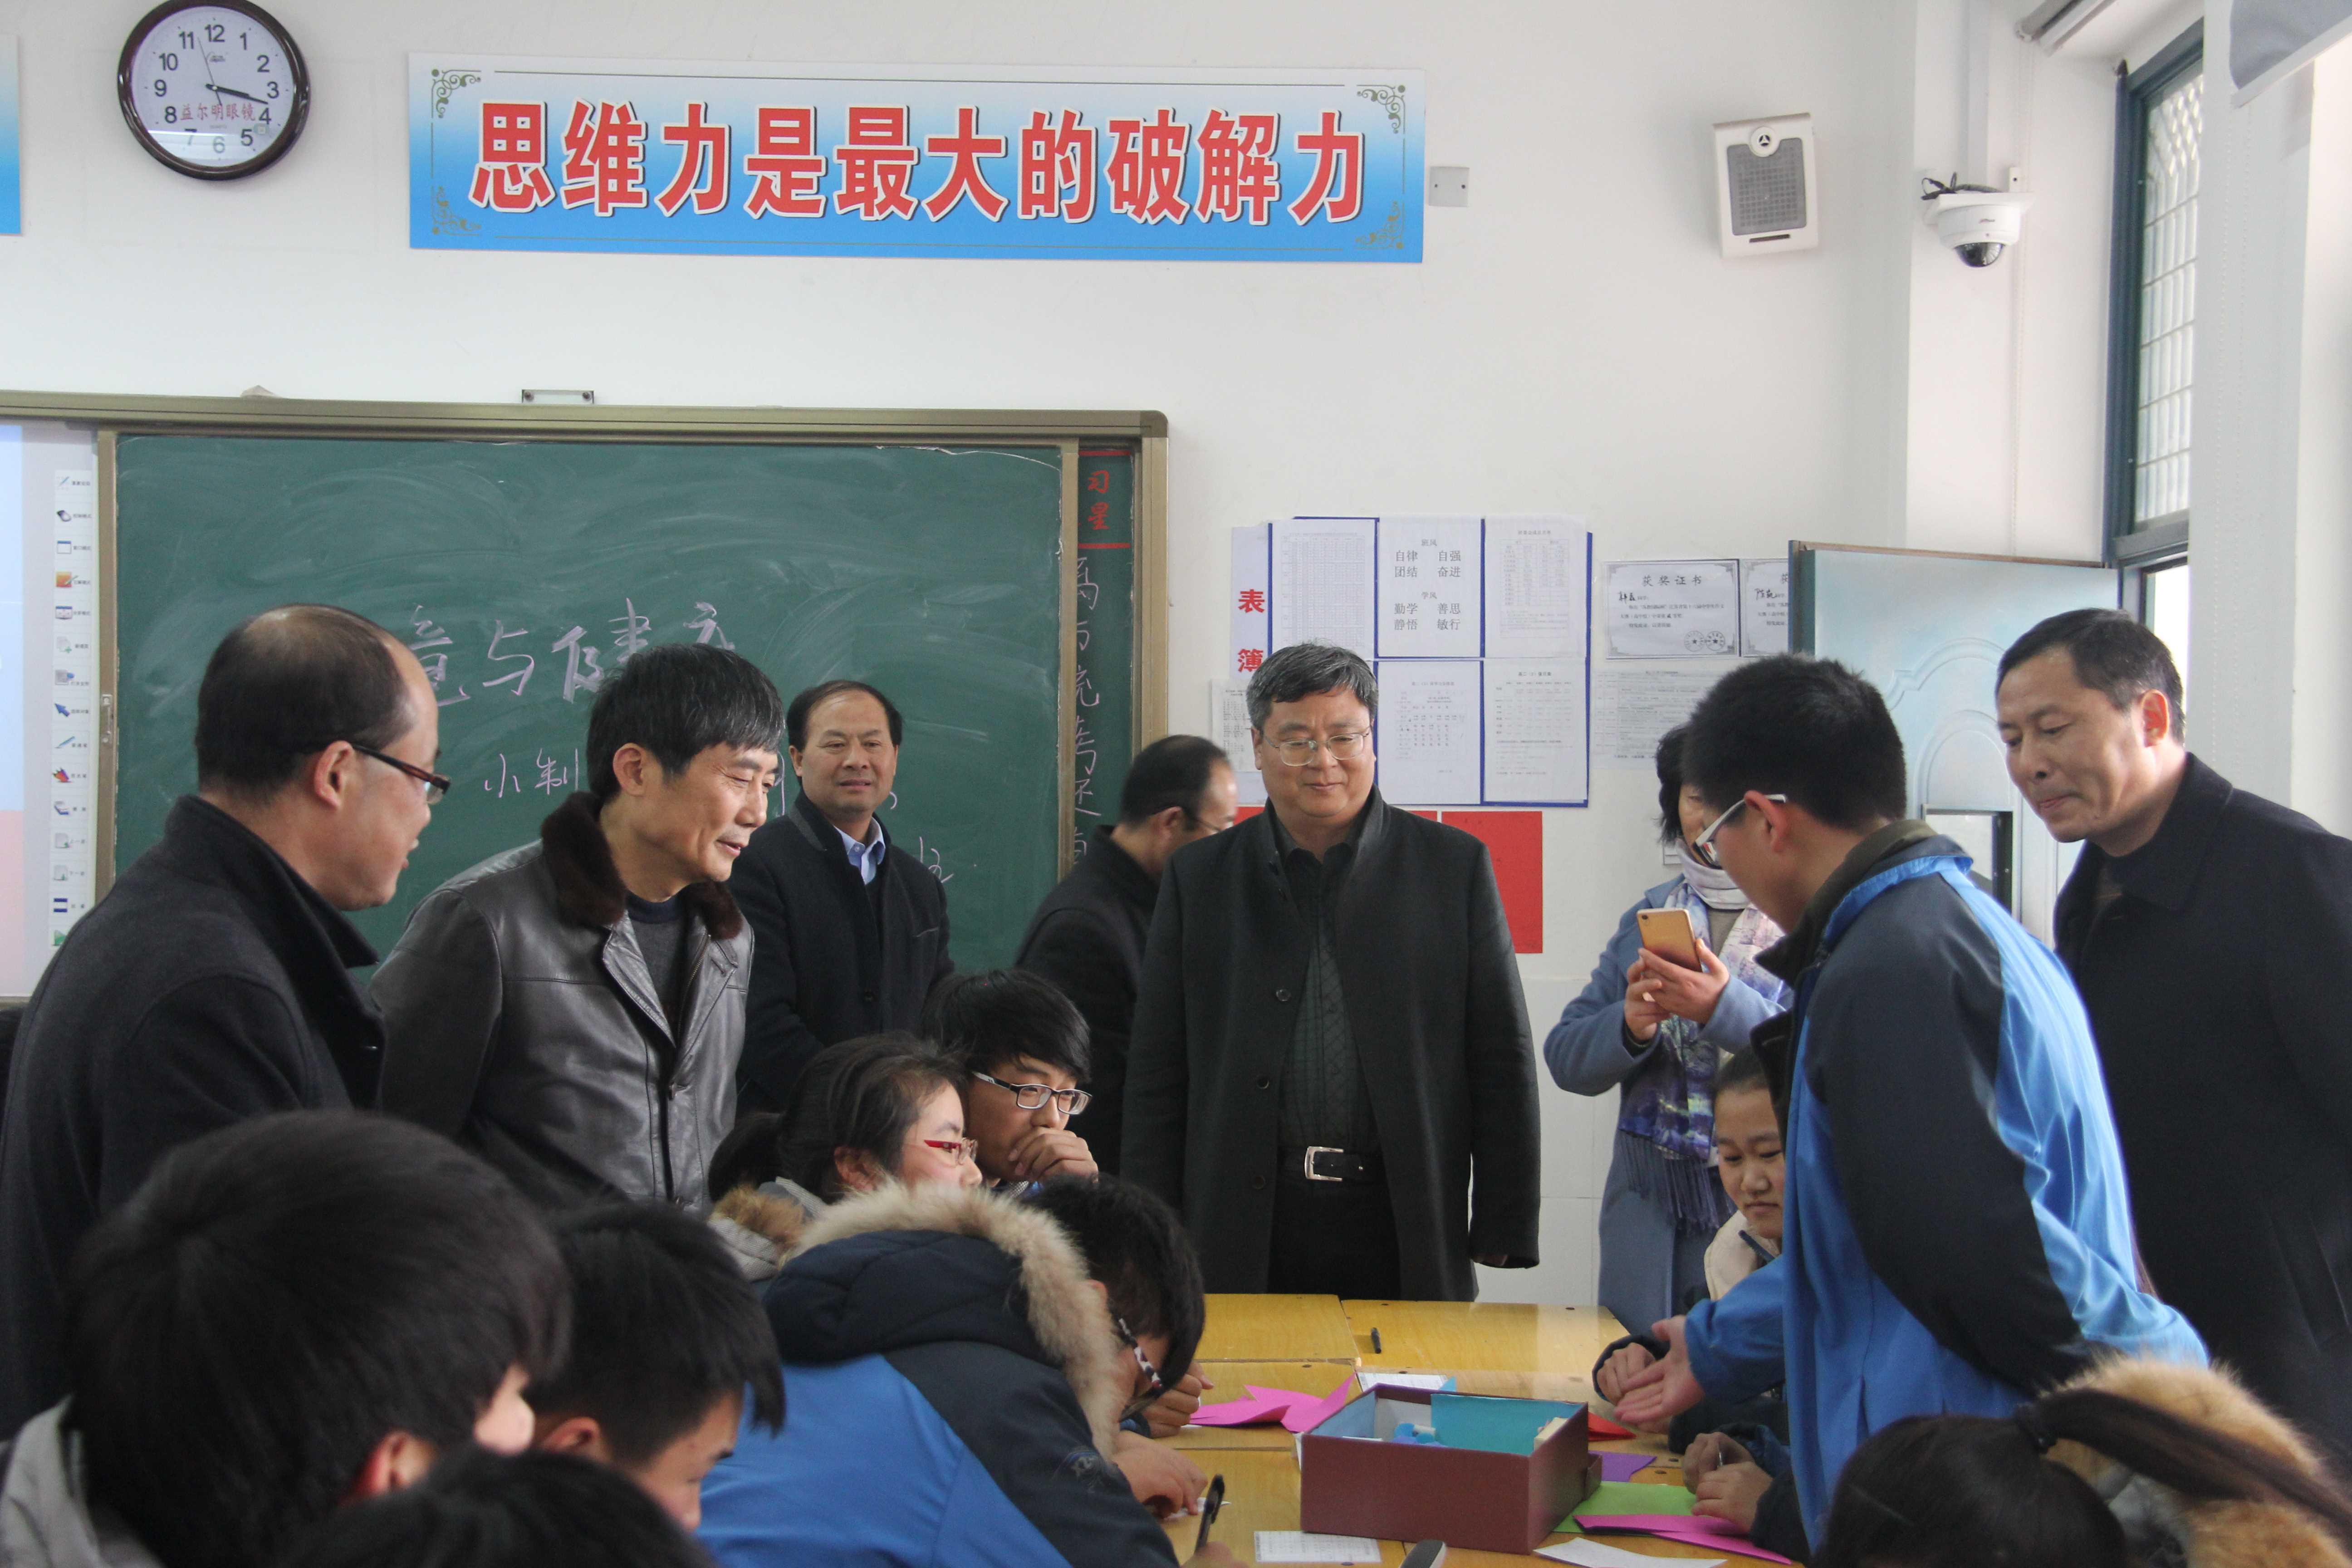 阜宁县教育局局长蔡卫国